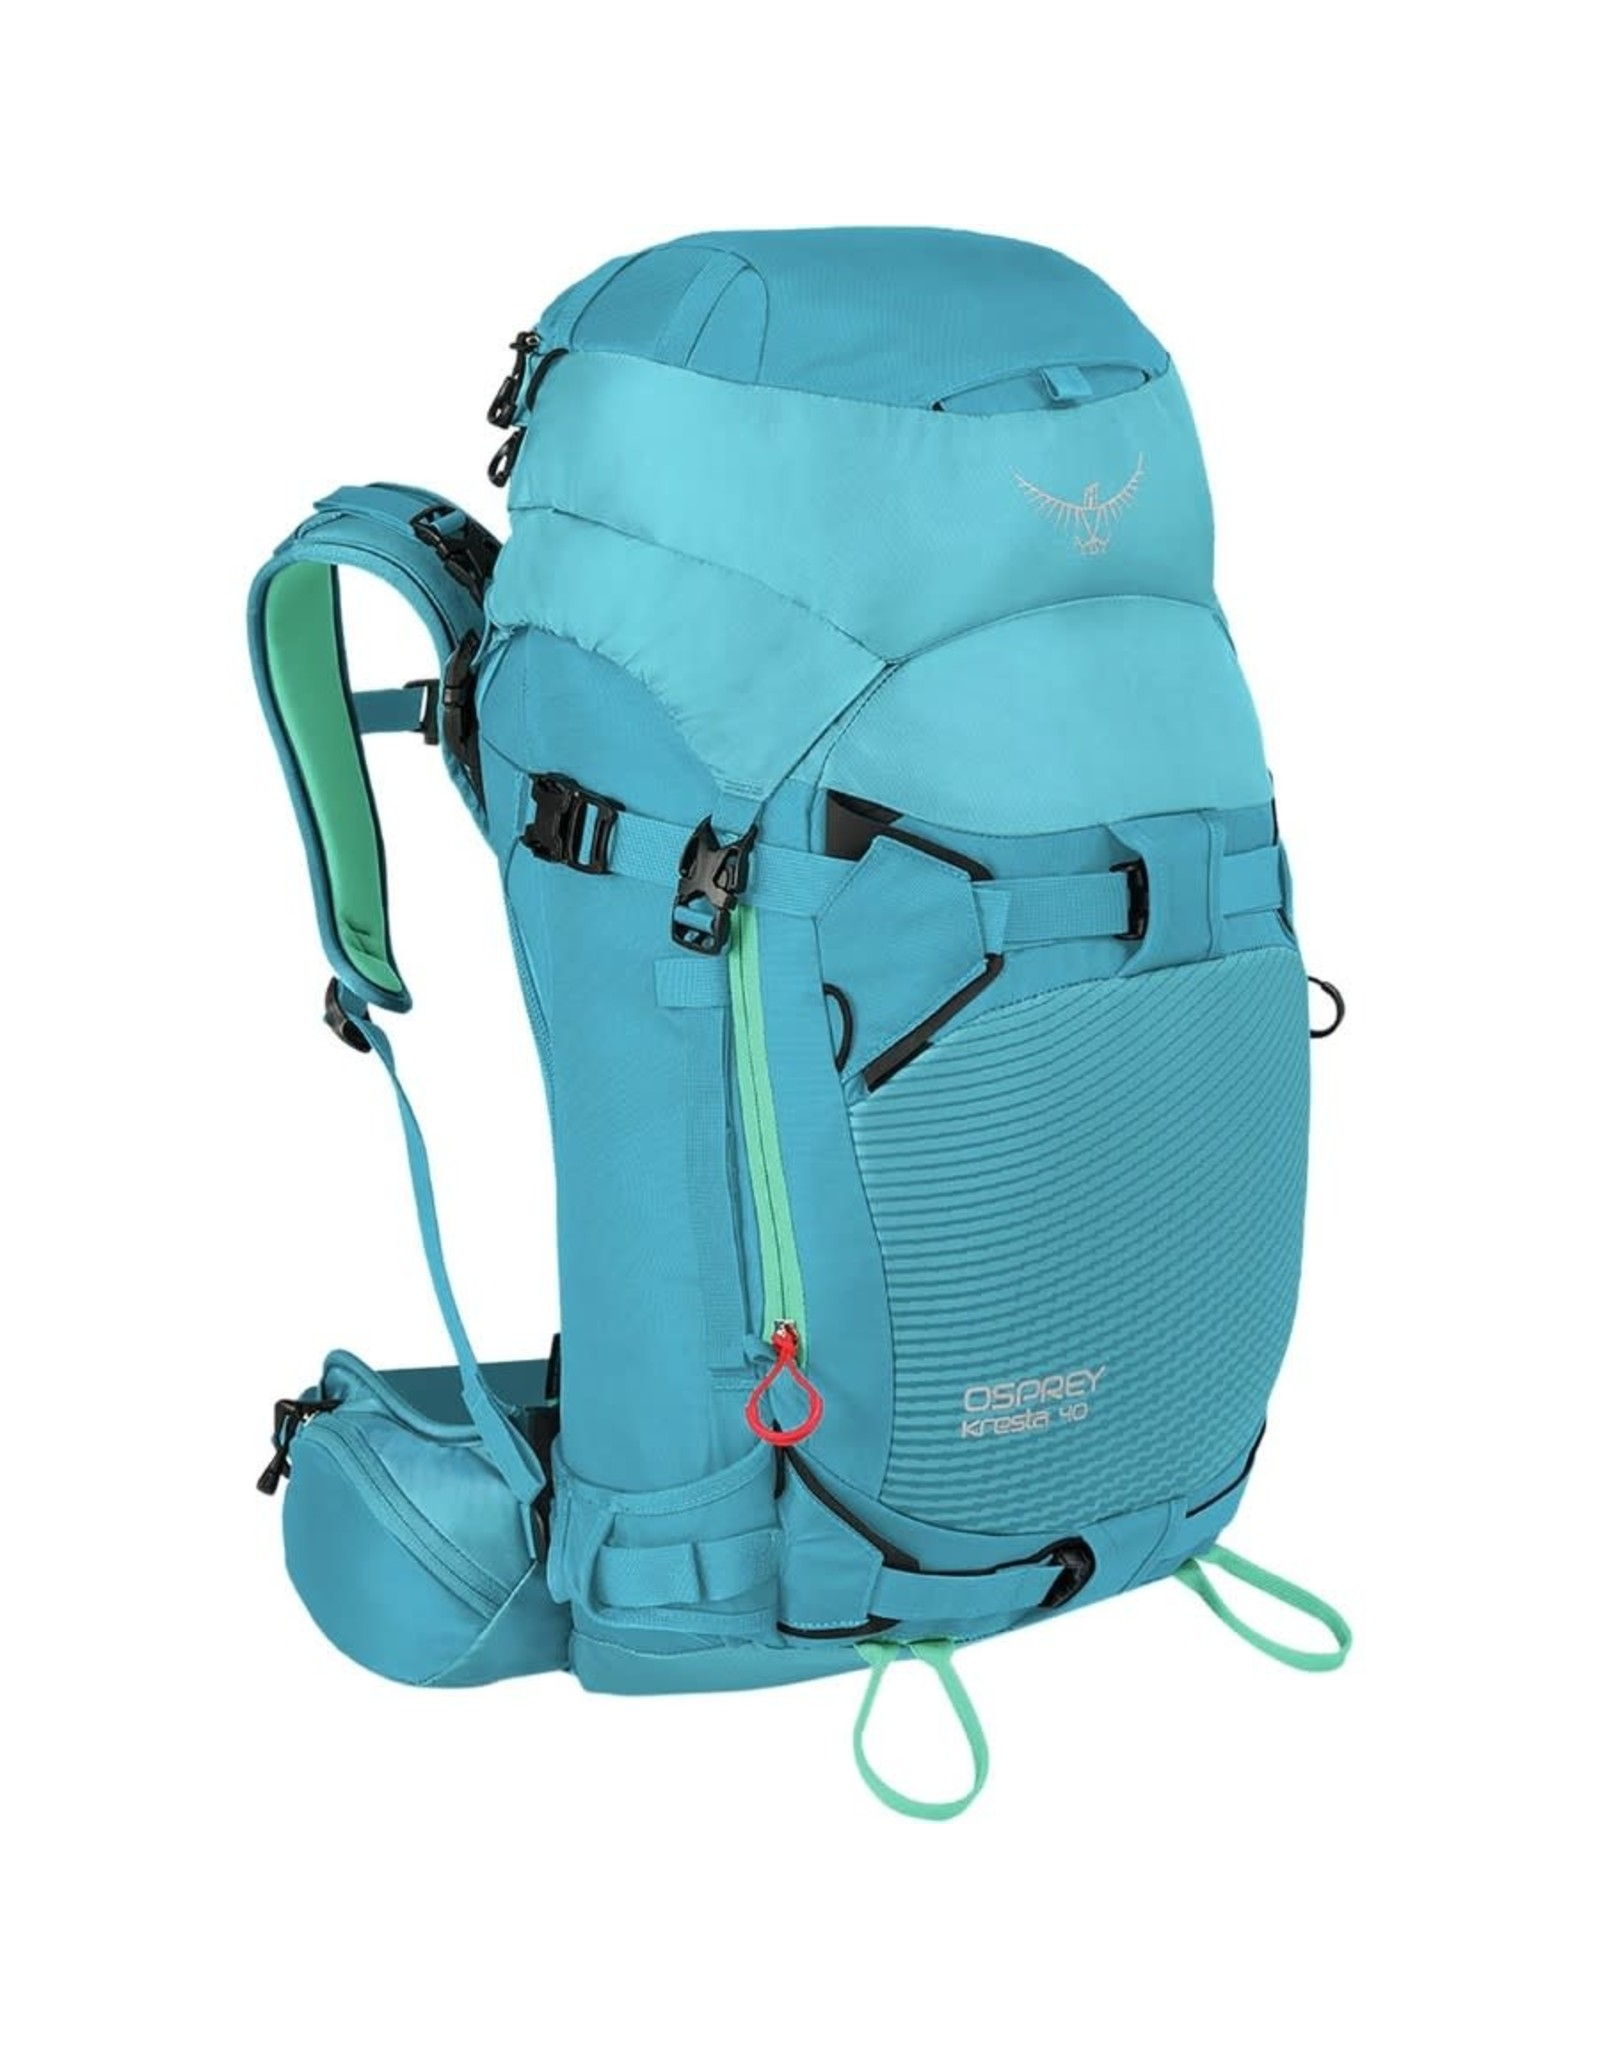 Osprey Osprey Kresta 40  Ski Touring Pack - Women